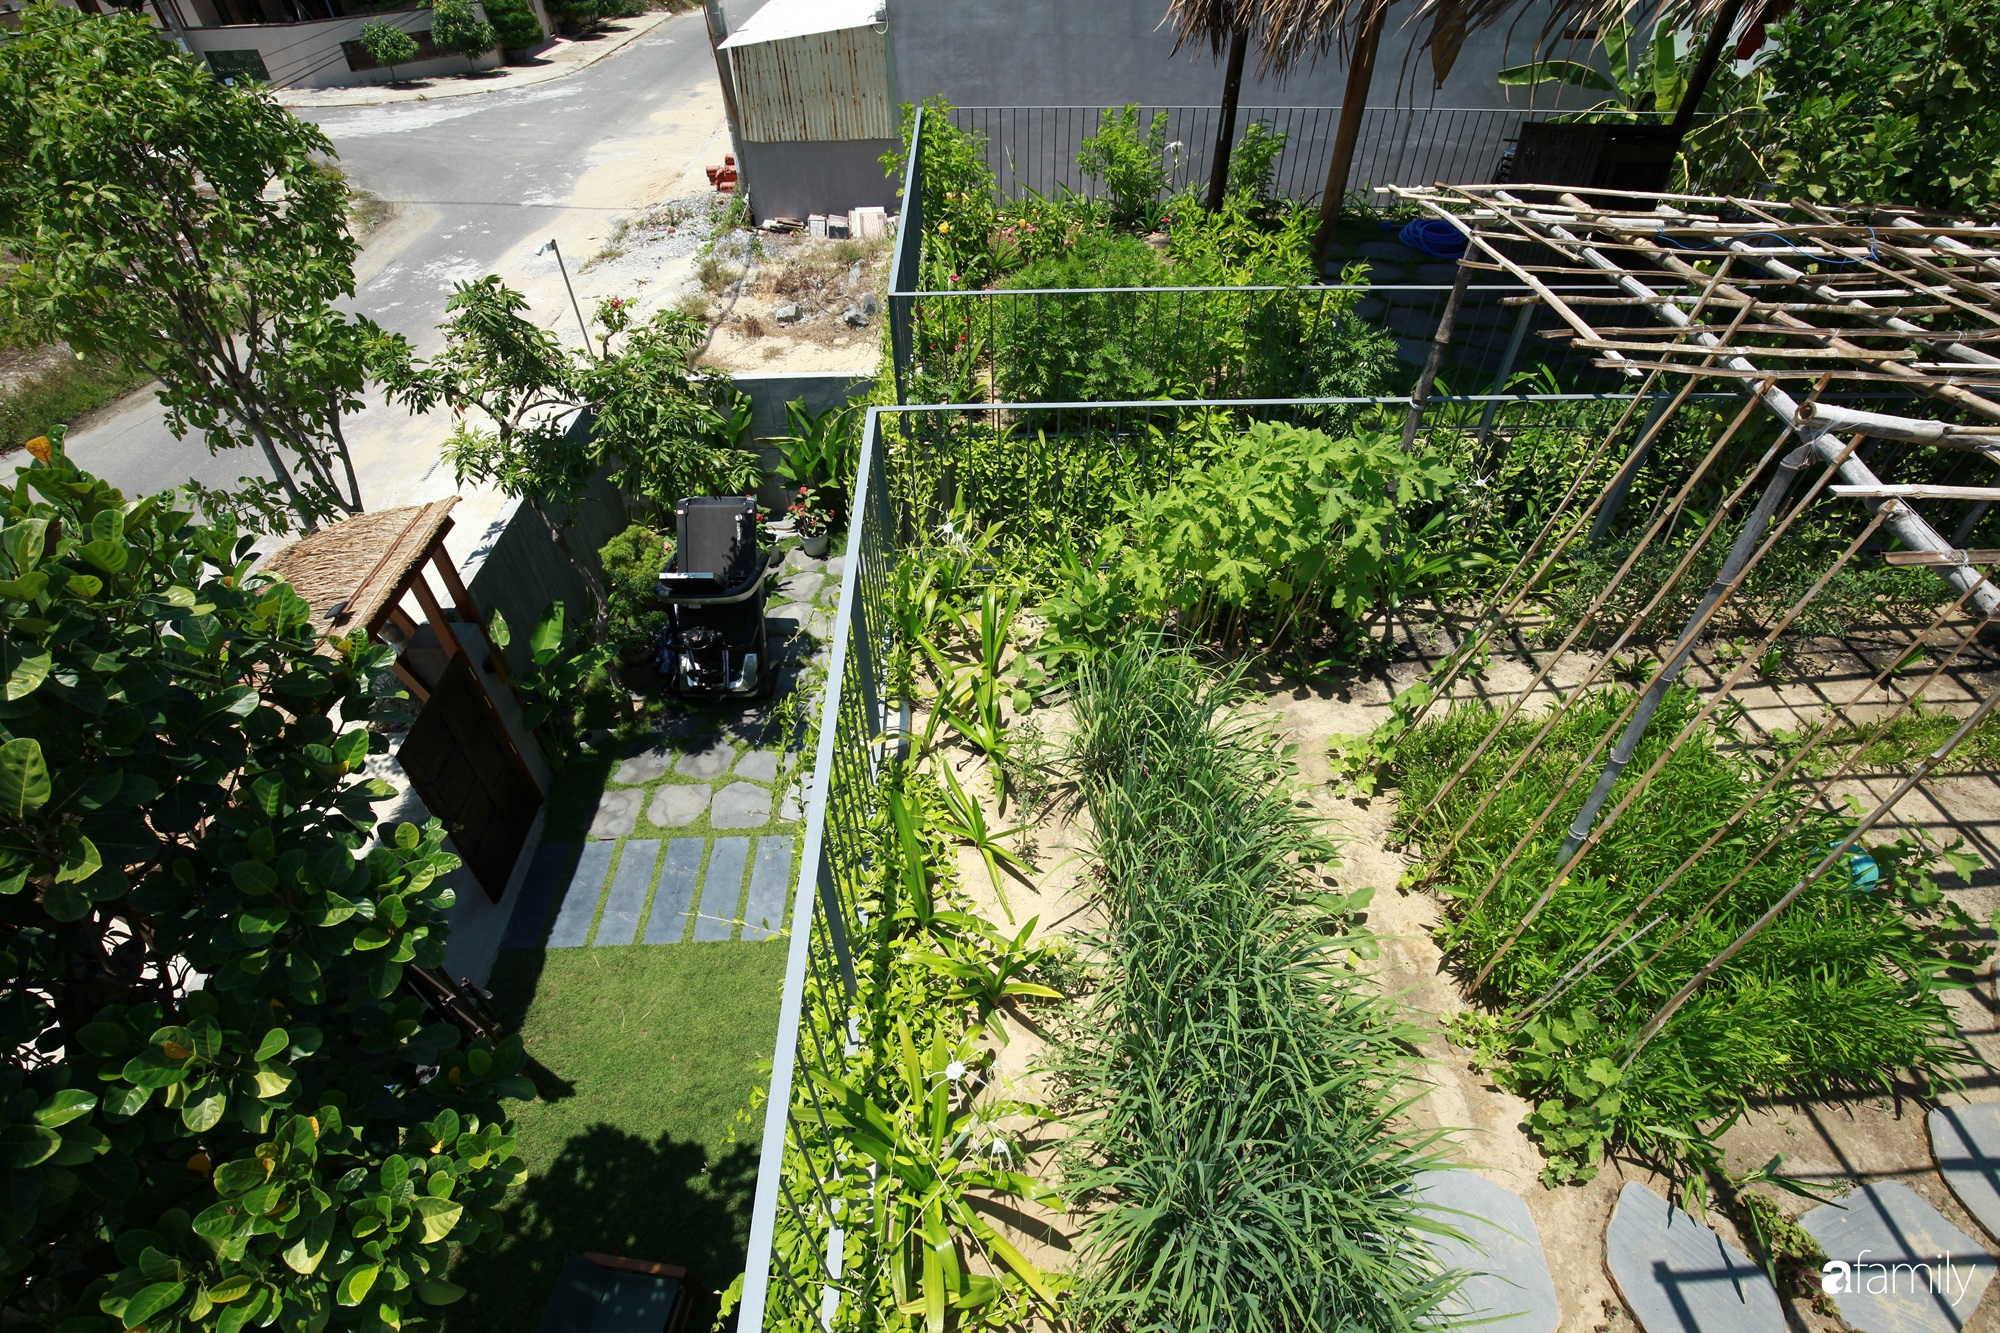 Nhà vườn mái tranh rộng 200m² với đủ tiện nghi hiện đại nổi bật giữa phố thị Hội An có chi phí xây dựng 2,1 tỷ đồng - Ảnh 5.